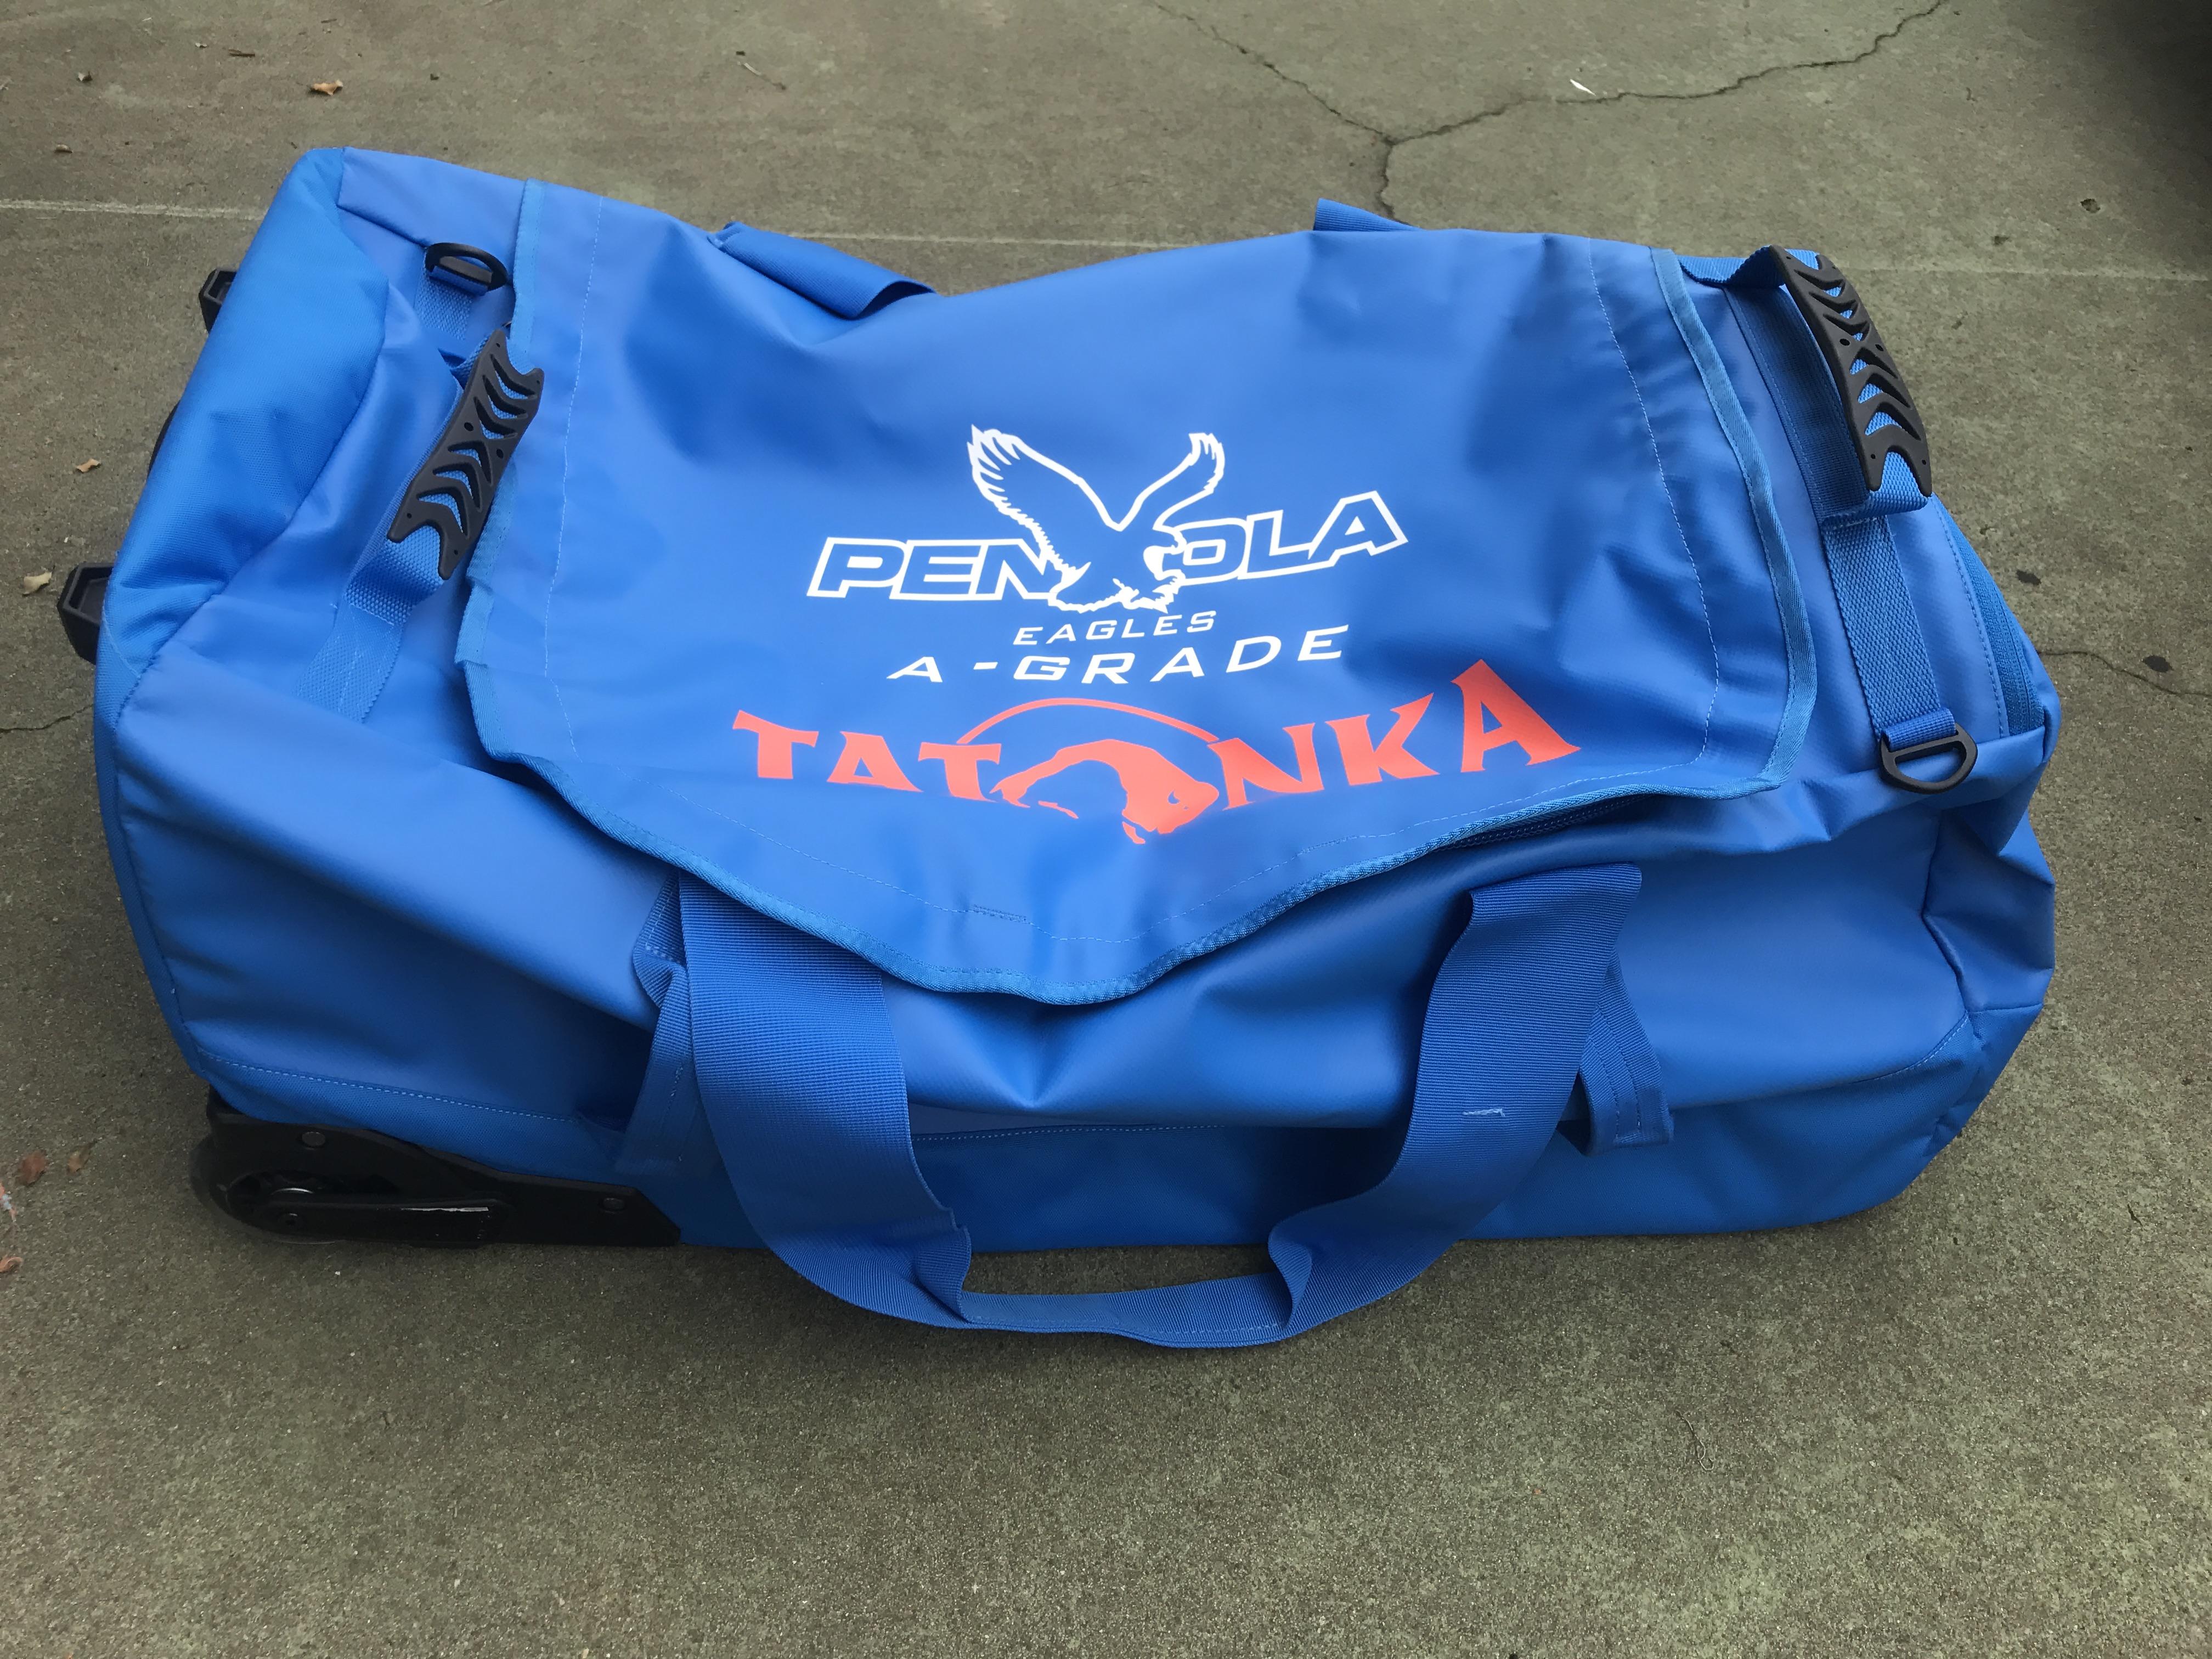 Penola Netball Bag